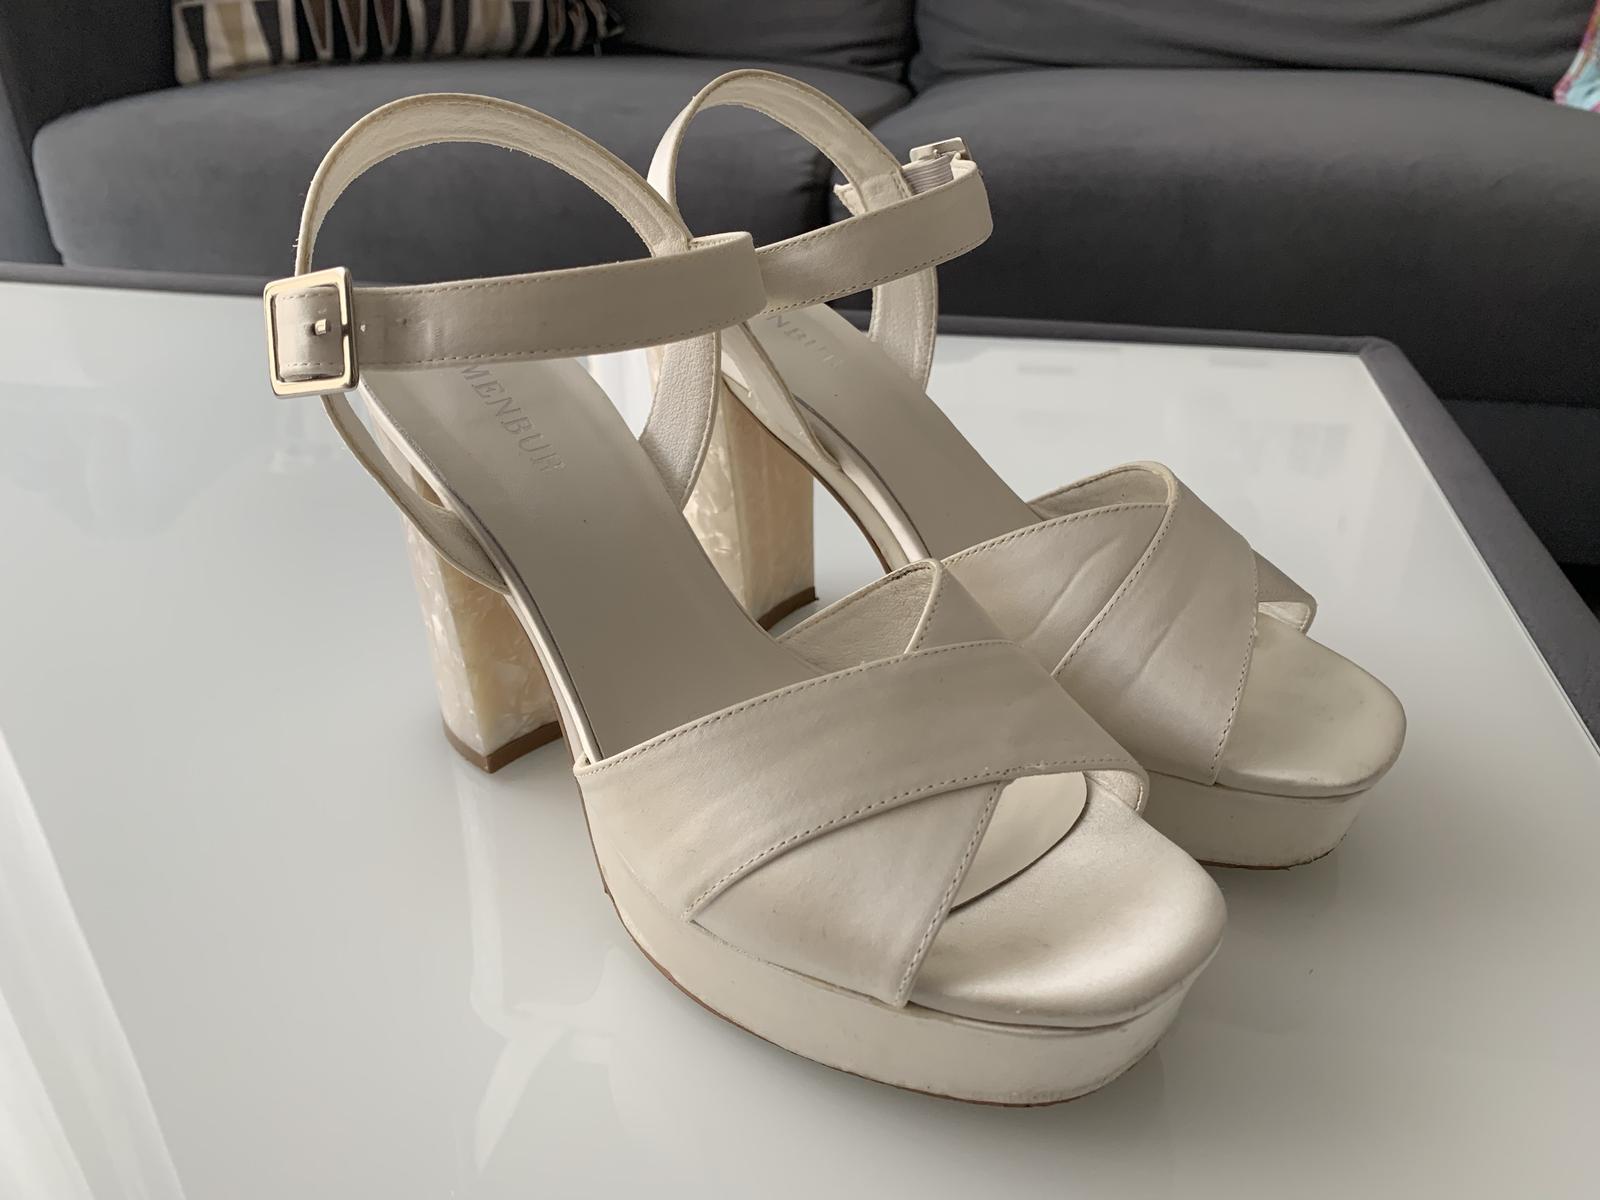 Svatební boty Menbur velikost 38 - Obrázek č. 3